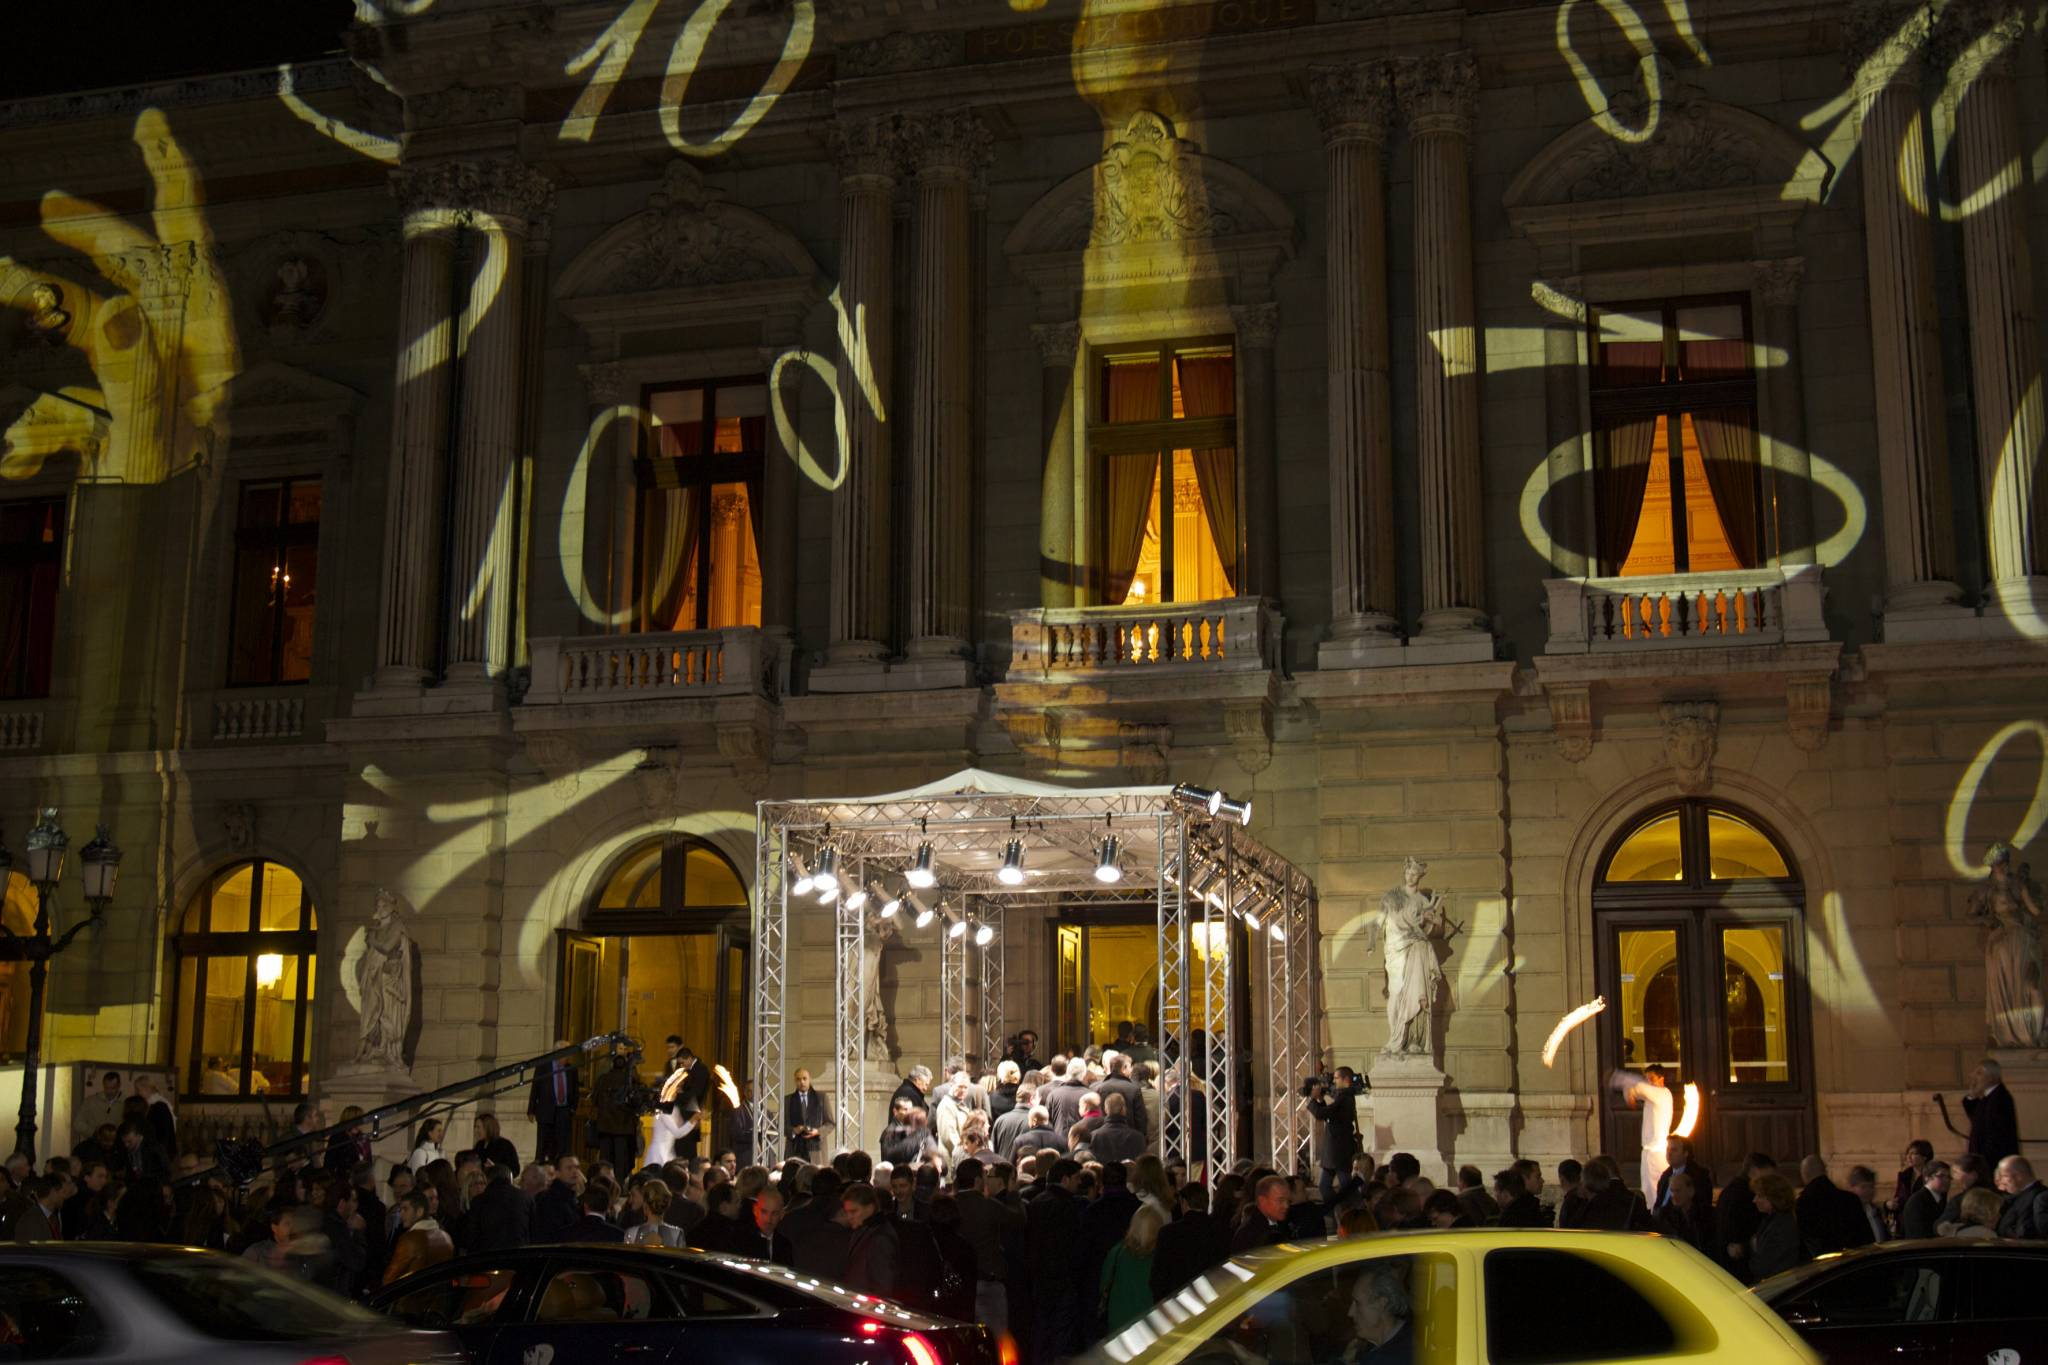 The Grand Théâtre de Genève lit up by Gerry Hofstetter